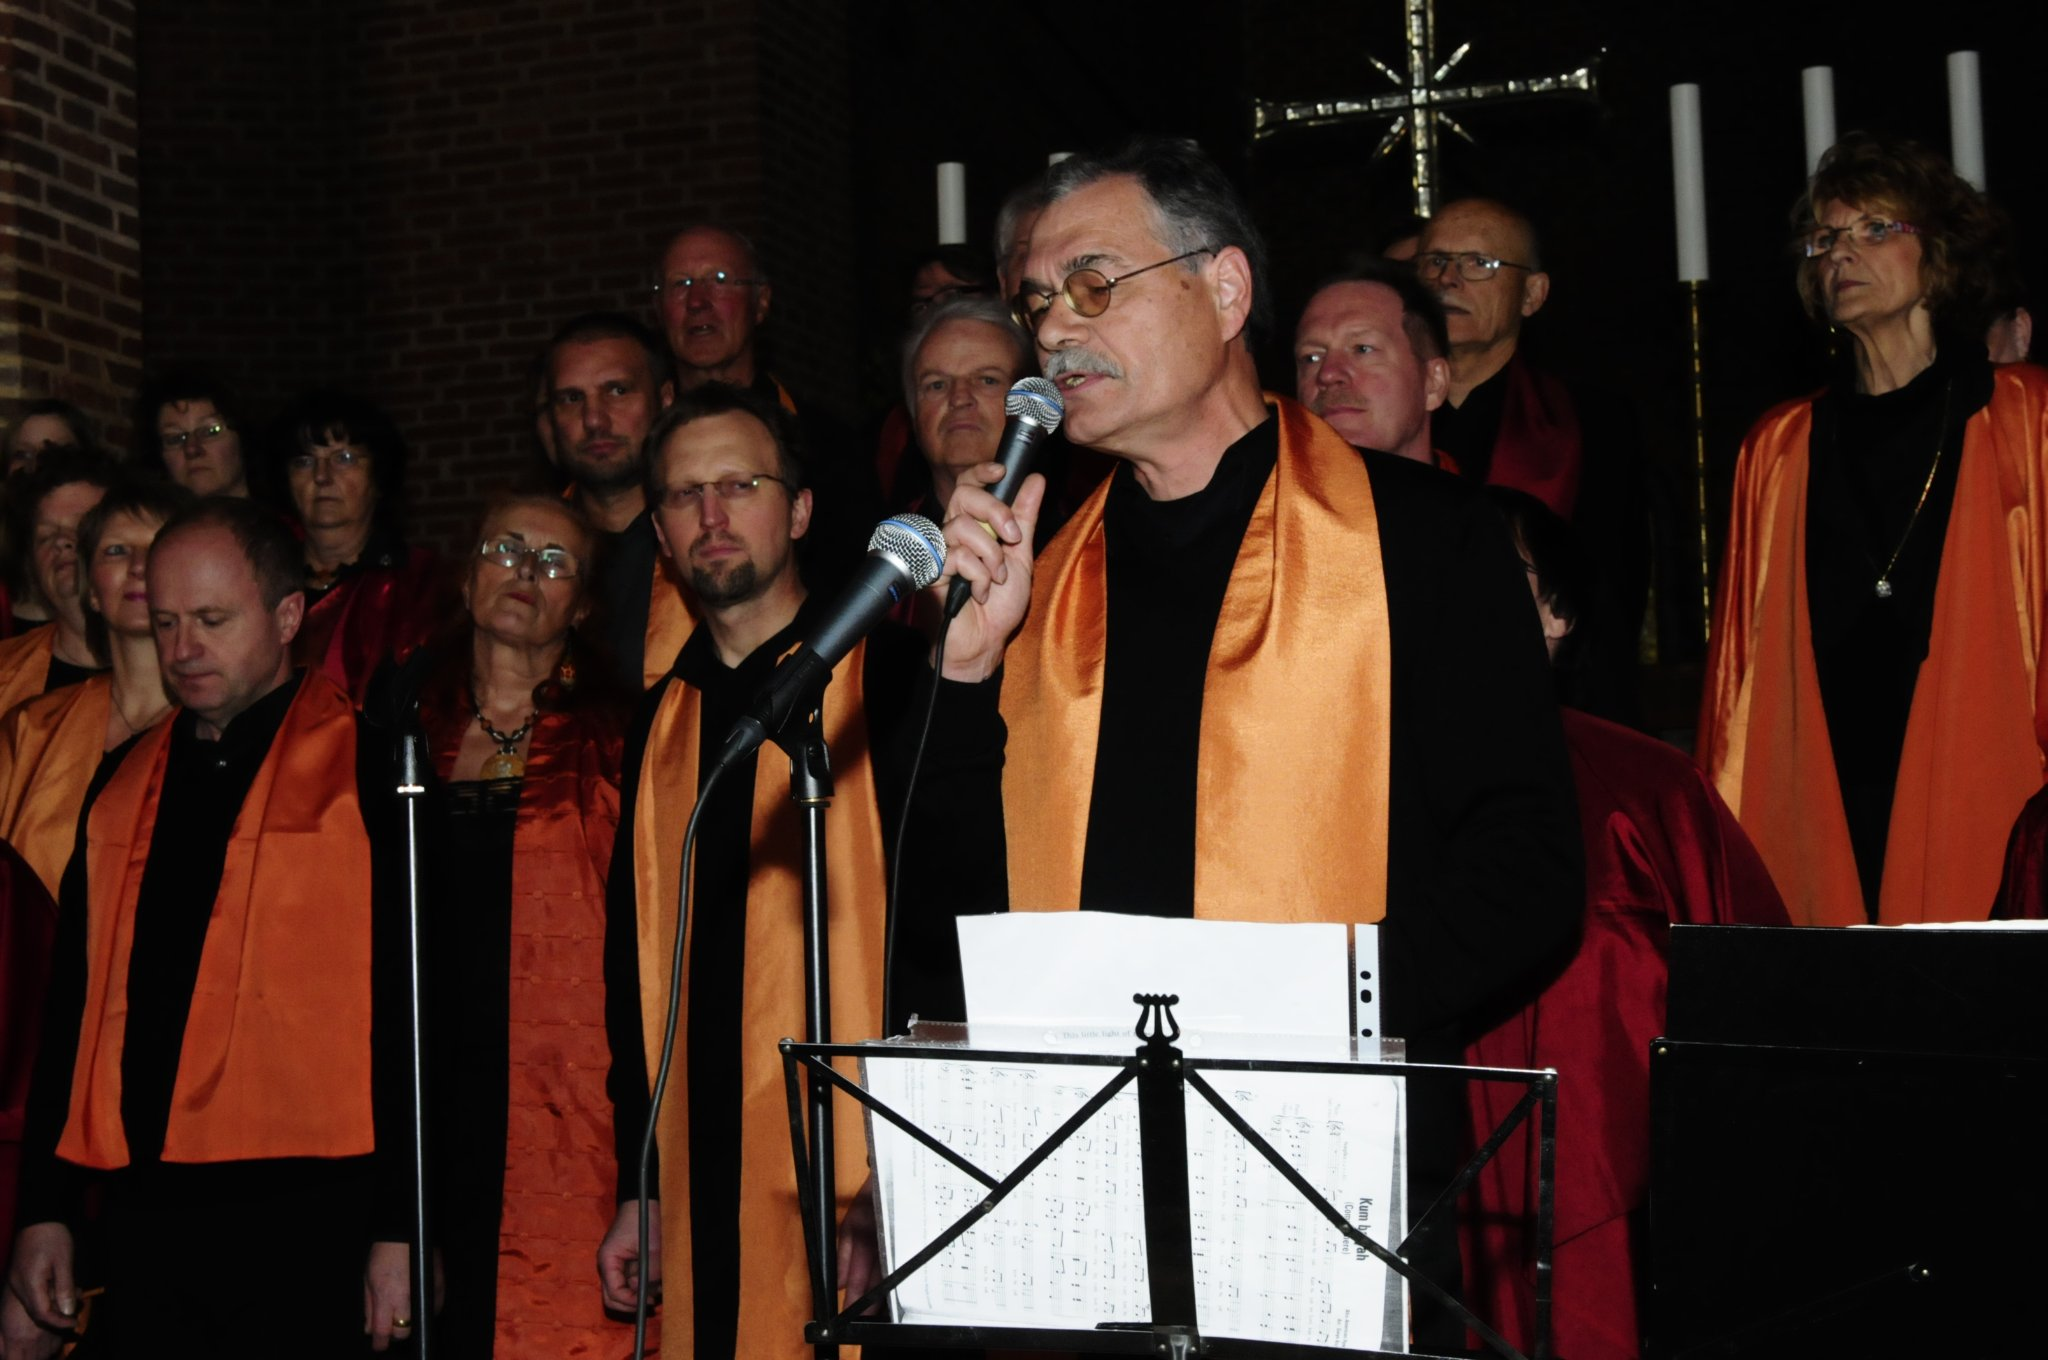 20120422 Reformations Gedaechtniskirche 037